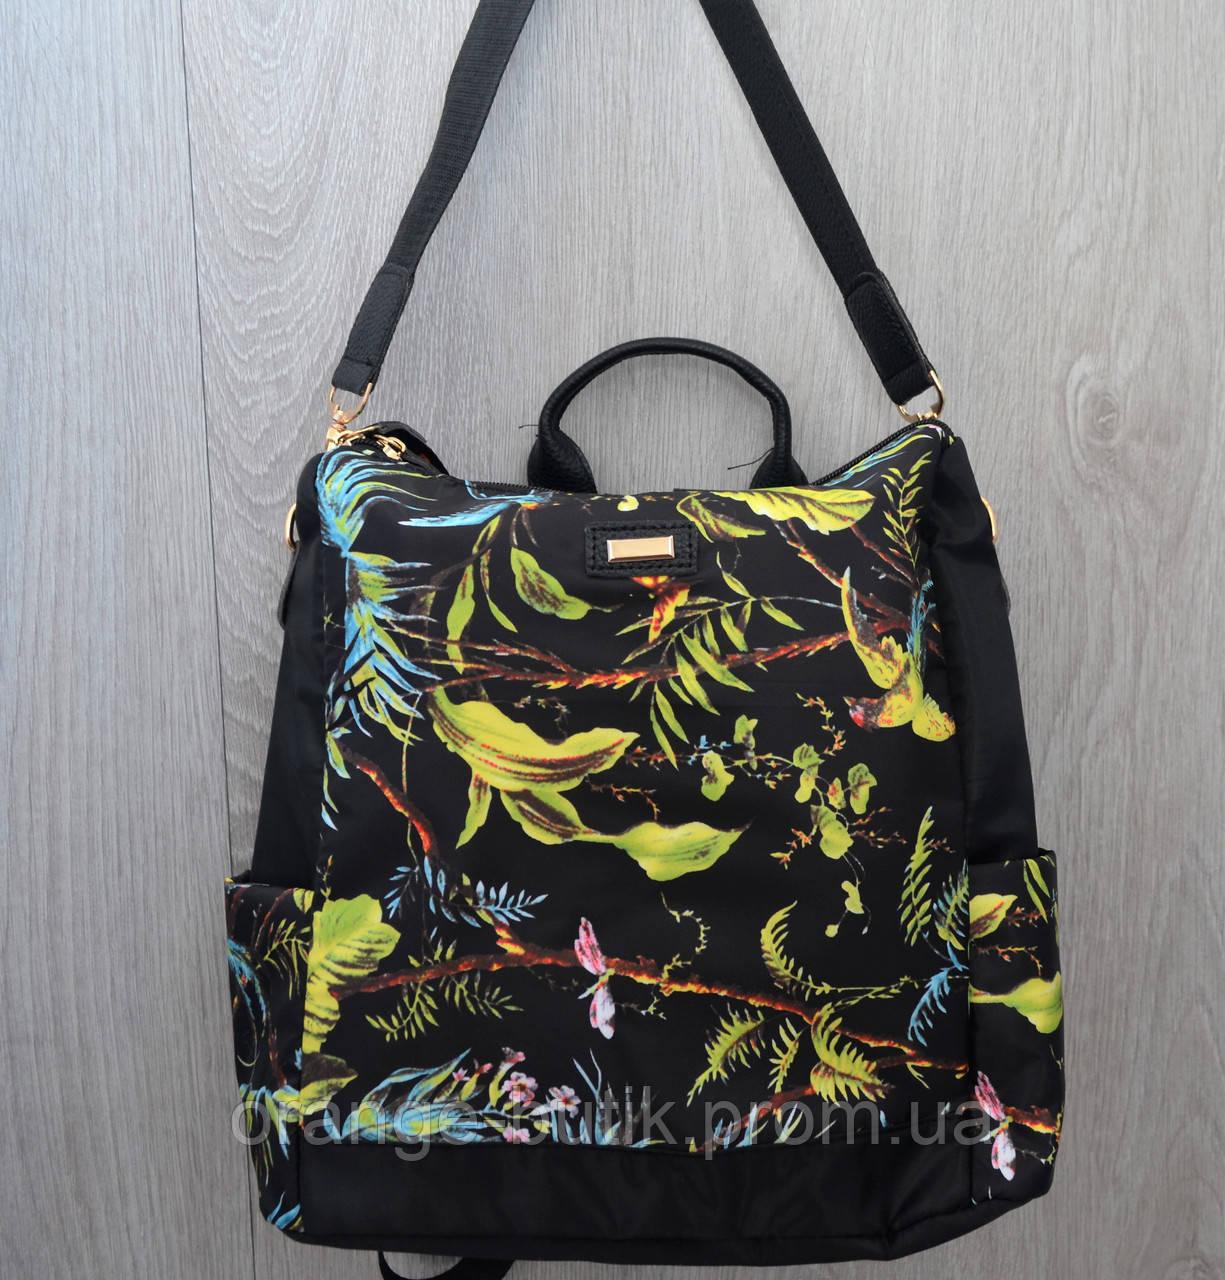 385829bc528a Школьная Сумка-рюкзак с Лиственным Принтом, Ассортимент Цветов — в ...